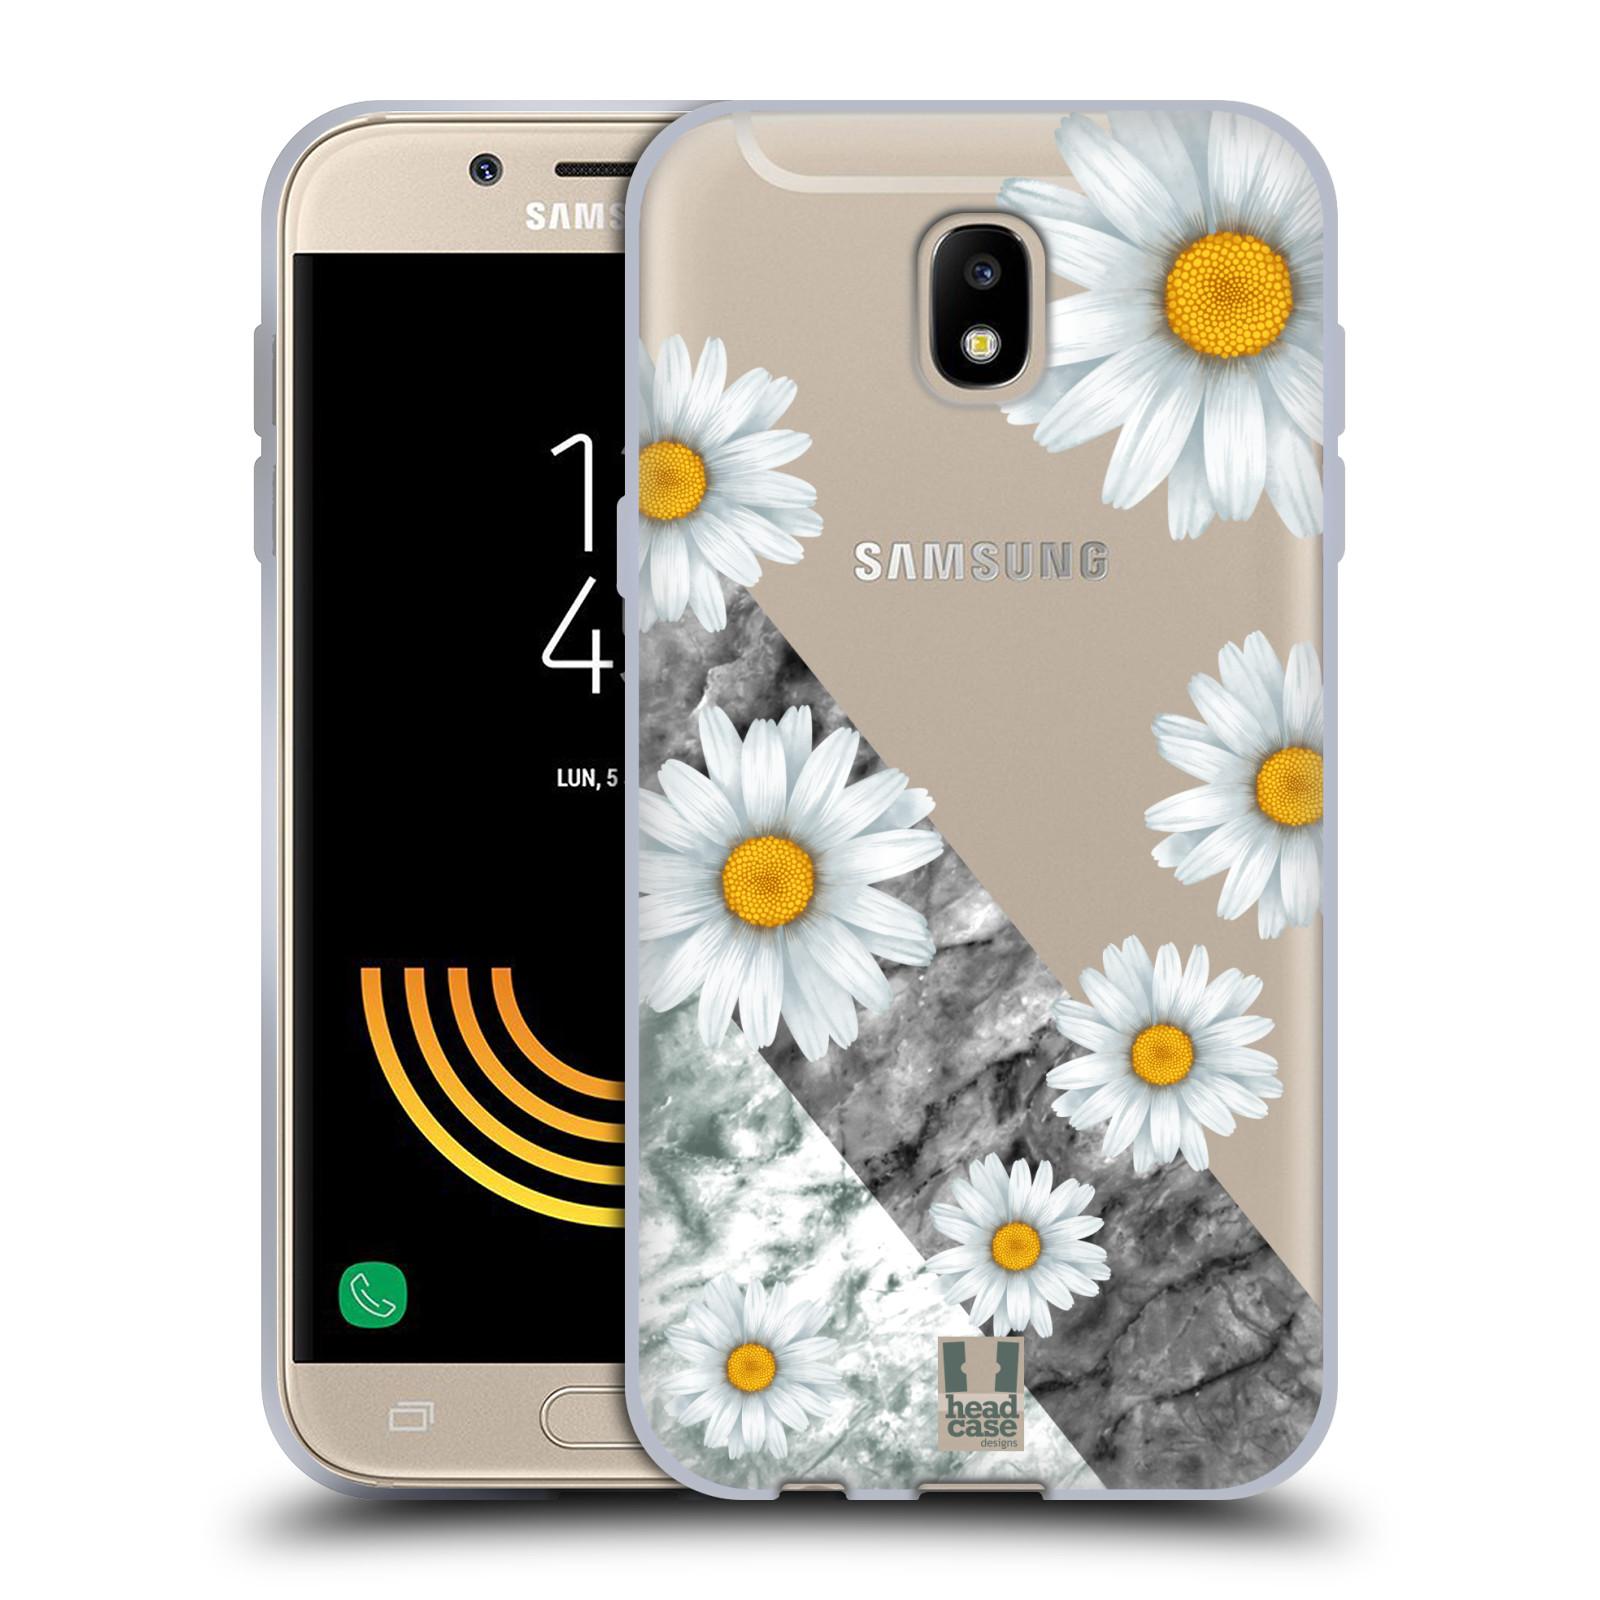 Silikonové pouzdro na mobil Samsung Galaxy J5 (2017) - Head Case - Kopretiny a mramor